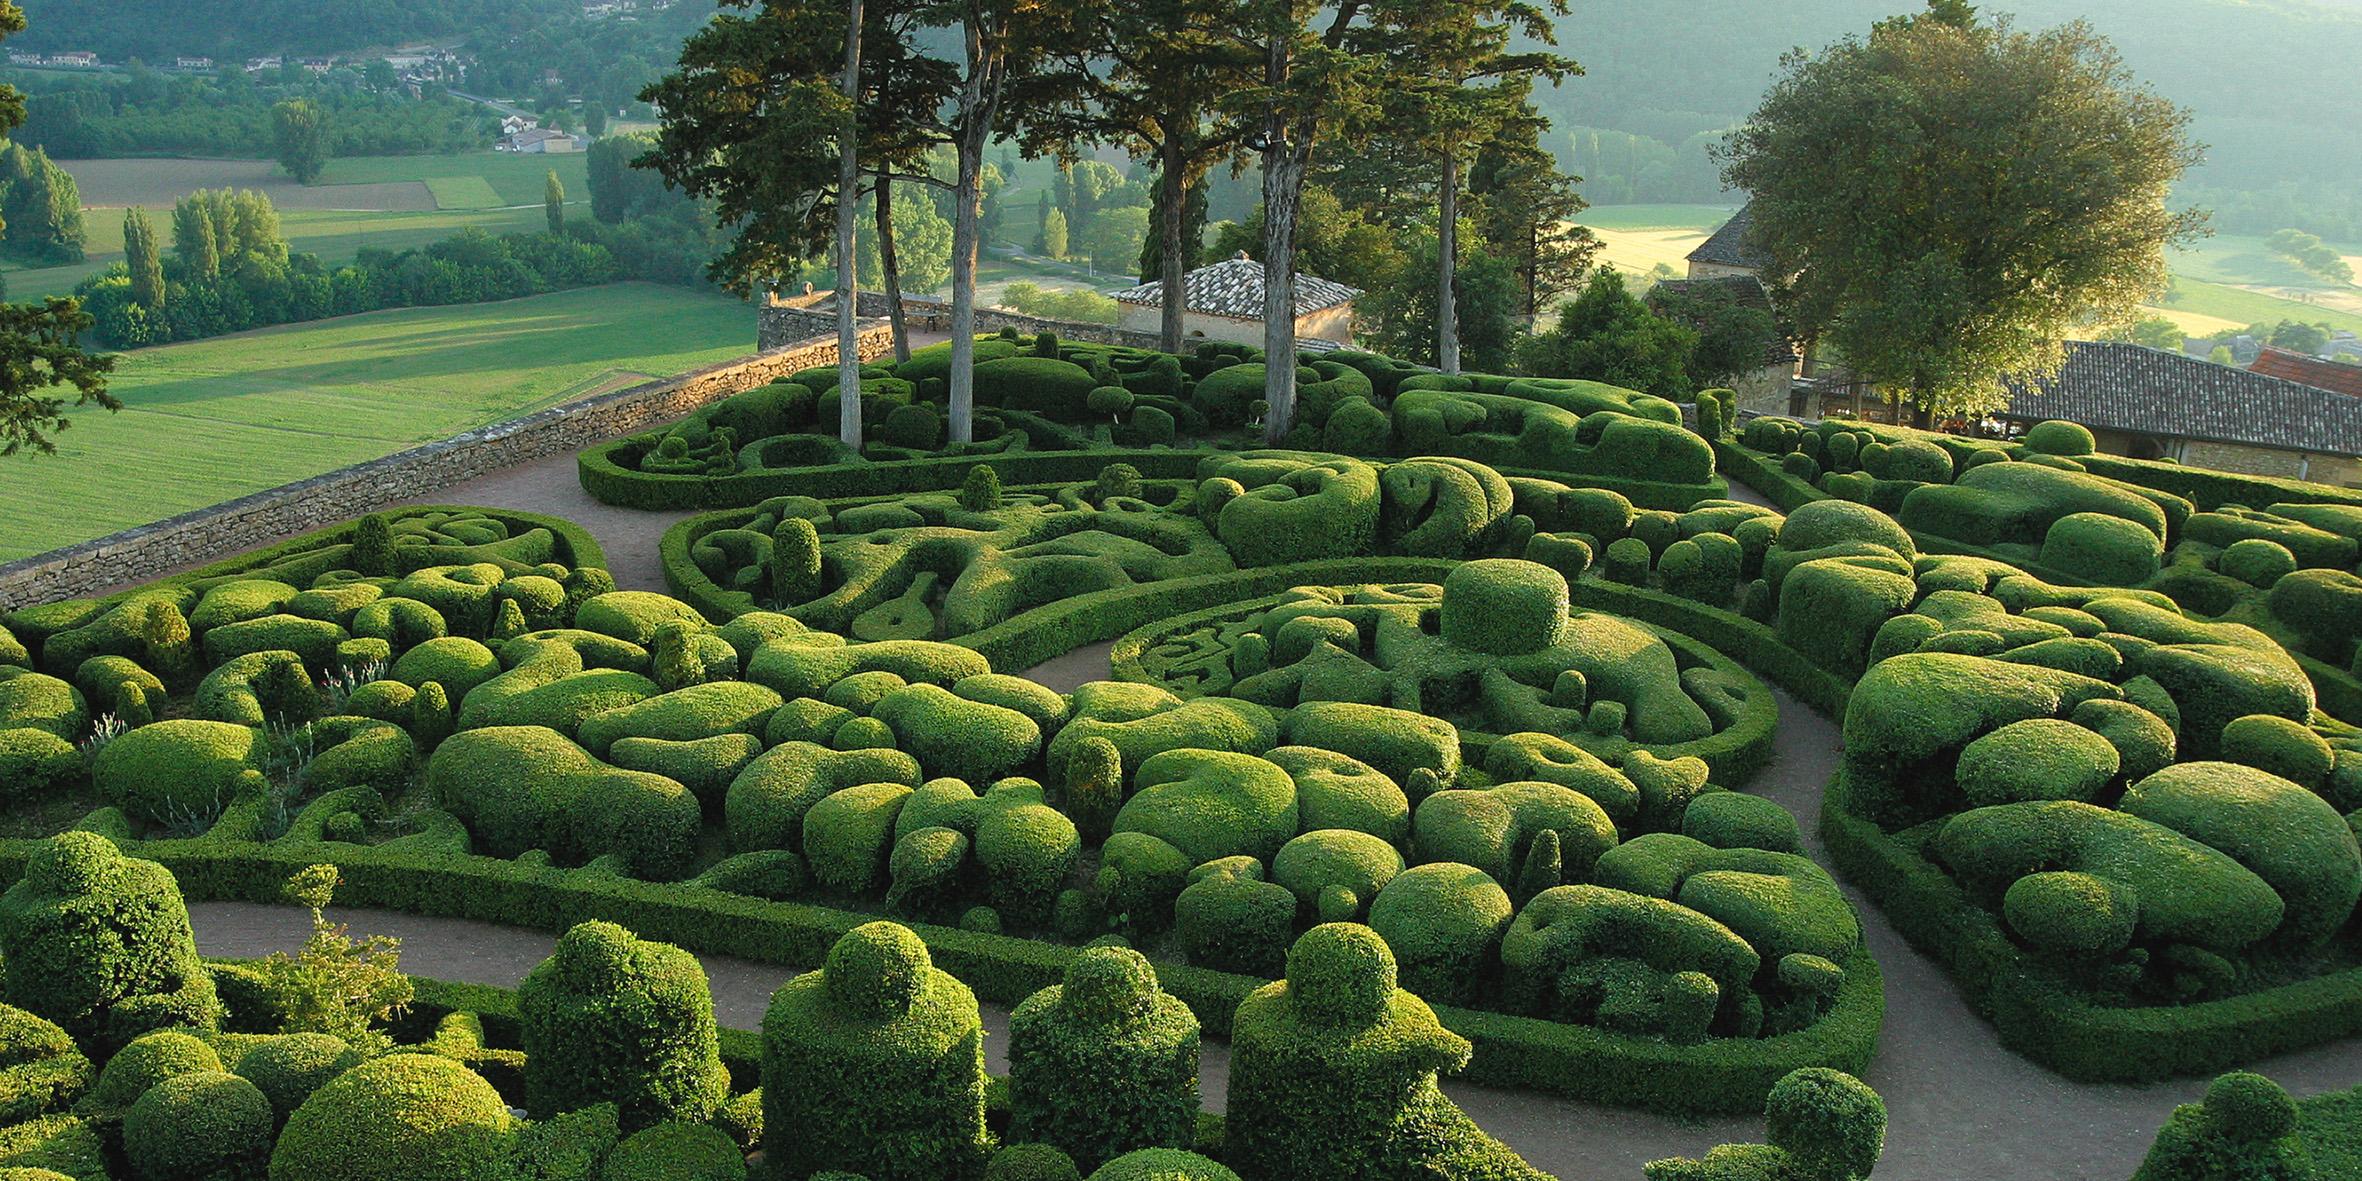 86837壁紙のダウンロード自然, マルケサックガーデン, 悲しいマルケサック, Vezak, ベザック, フランス, ドルドーニュ, アキテーヌ, ロマンチックな庭, ロマンチックな庭園-スクリーンセーバーと写真を無料で